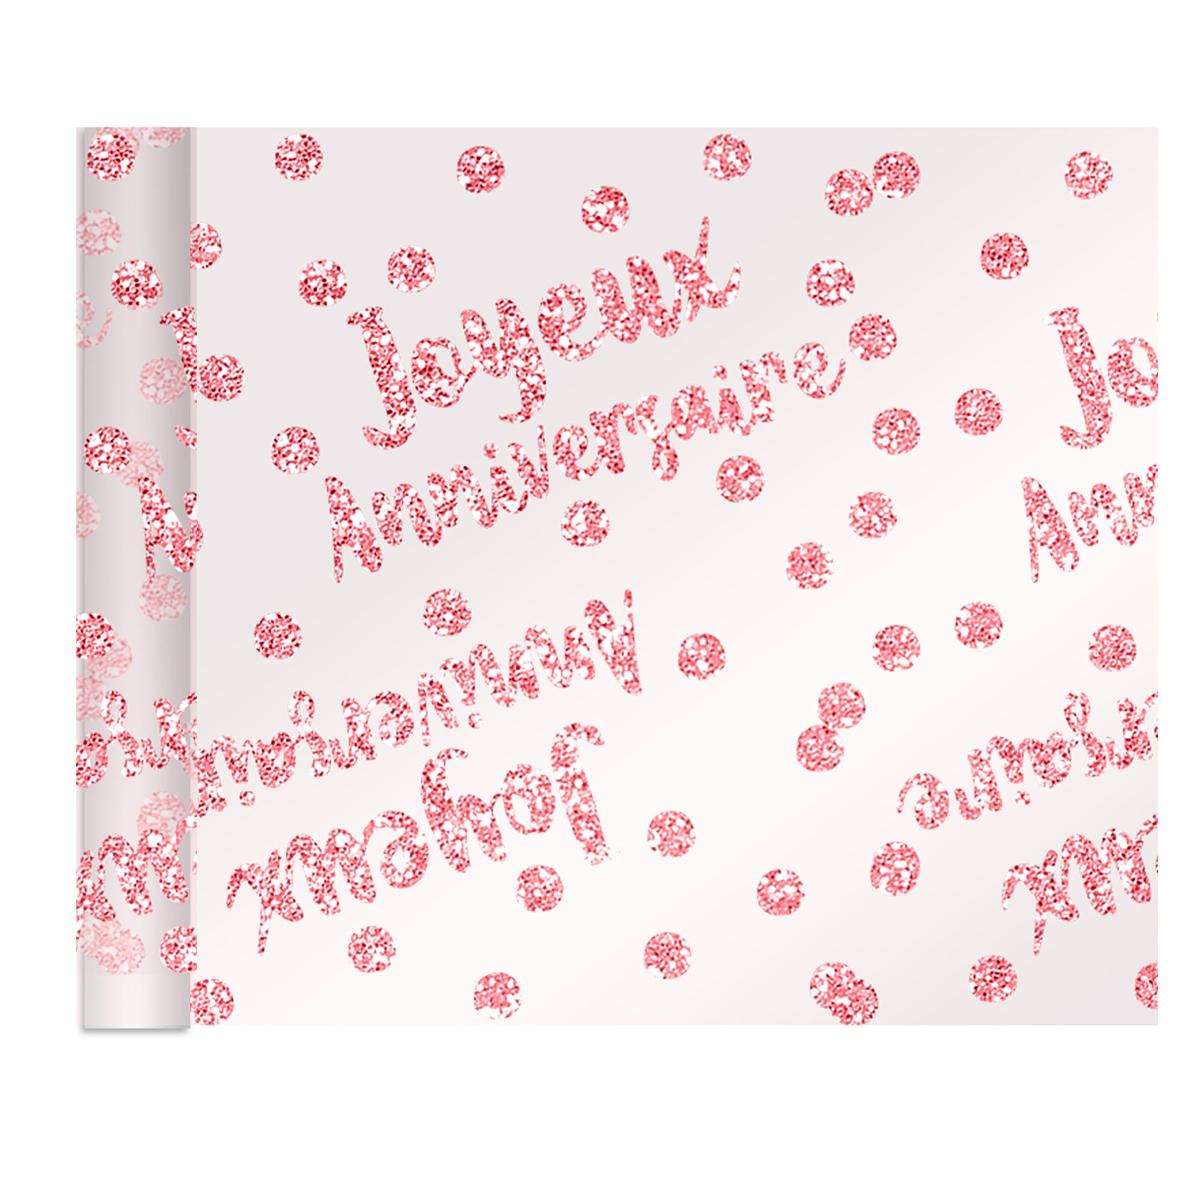 Chemin de table voile pailletté \'Joyeux Anniversaire\' rose blush - 4 m x 28 cm - [R2175]